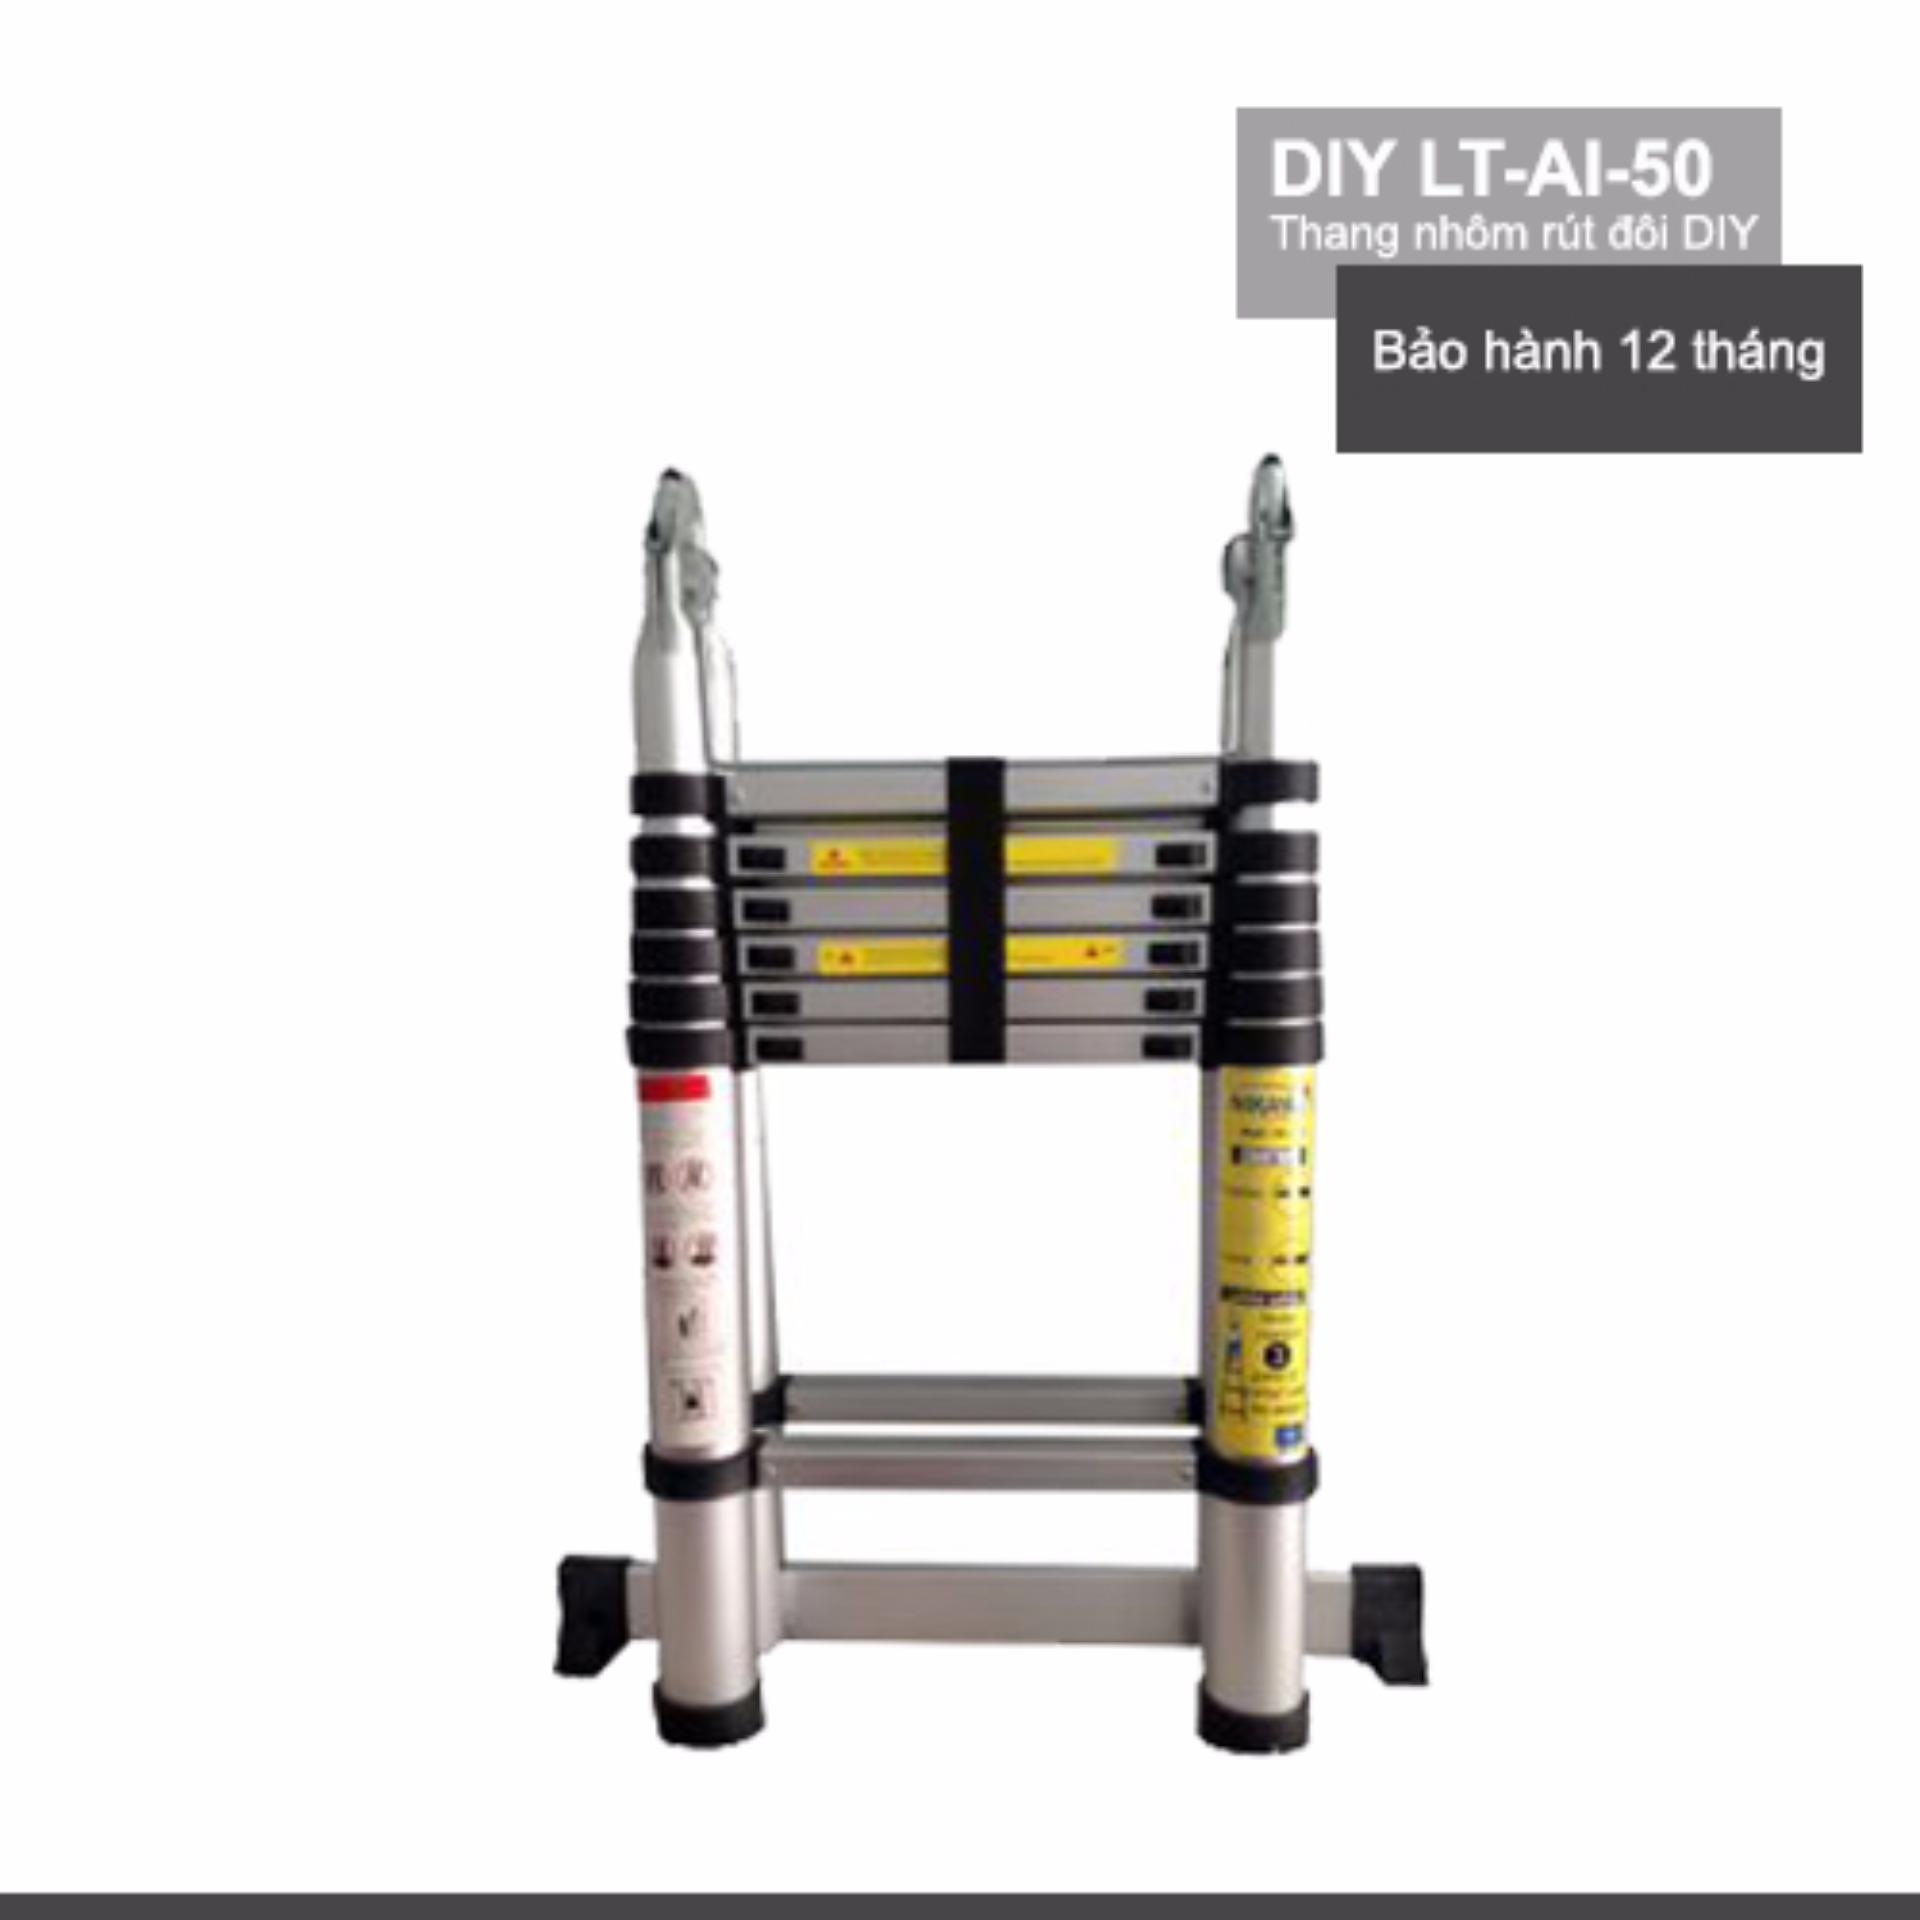 Thang nhôm rút đôi DIY LT-AI-50